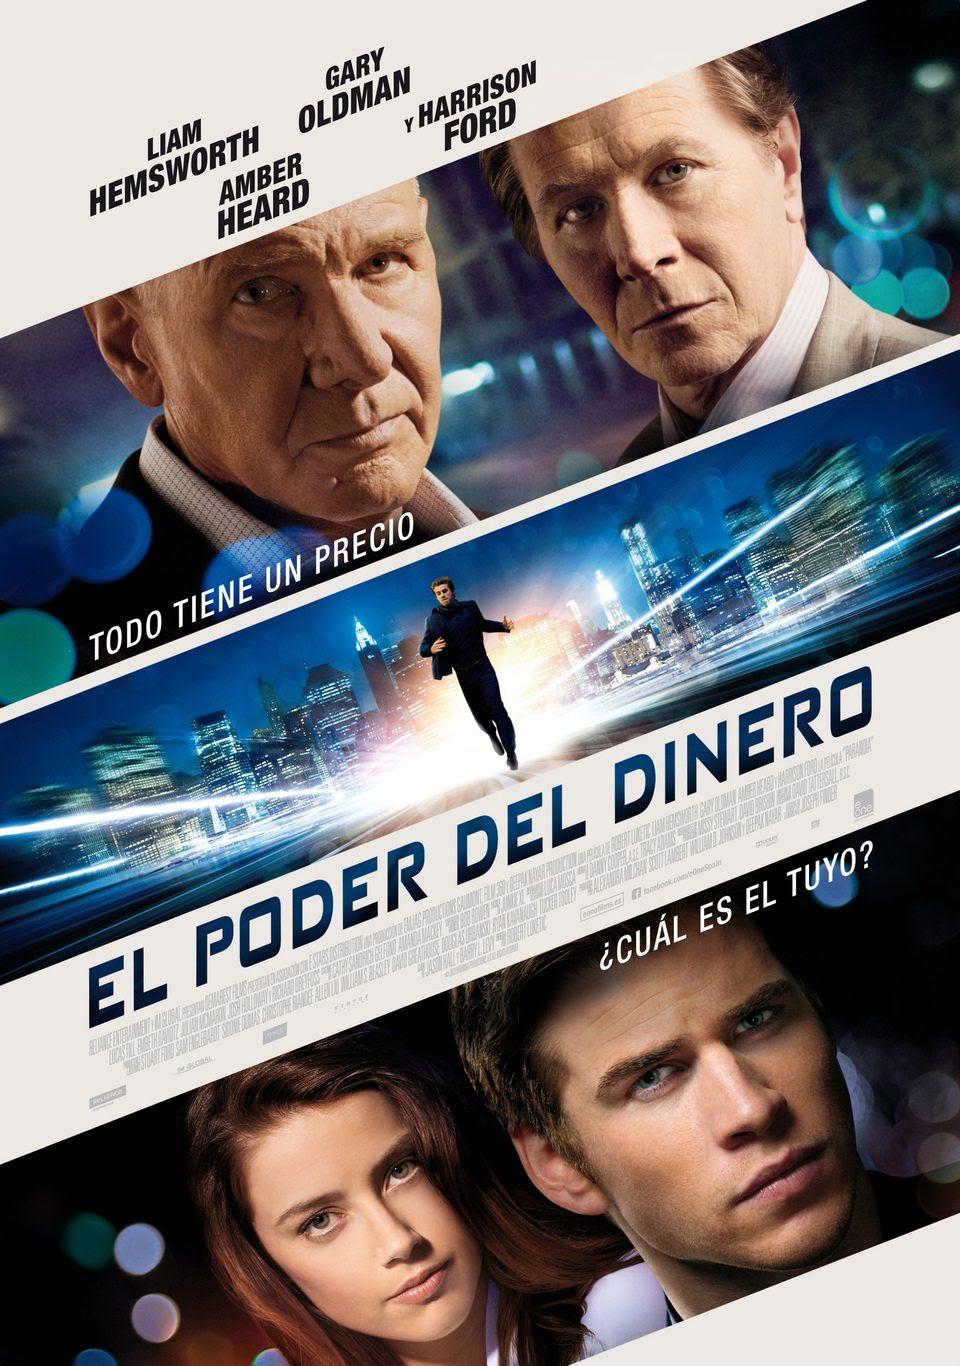 El poder del dinero (Paranoia) cartel cine, blog soloyo